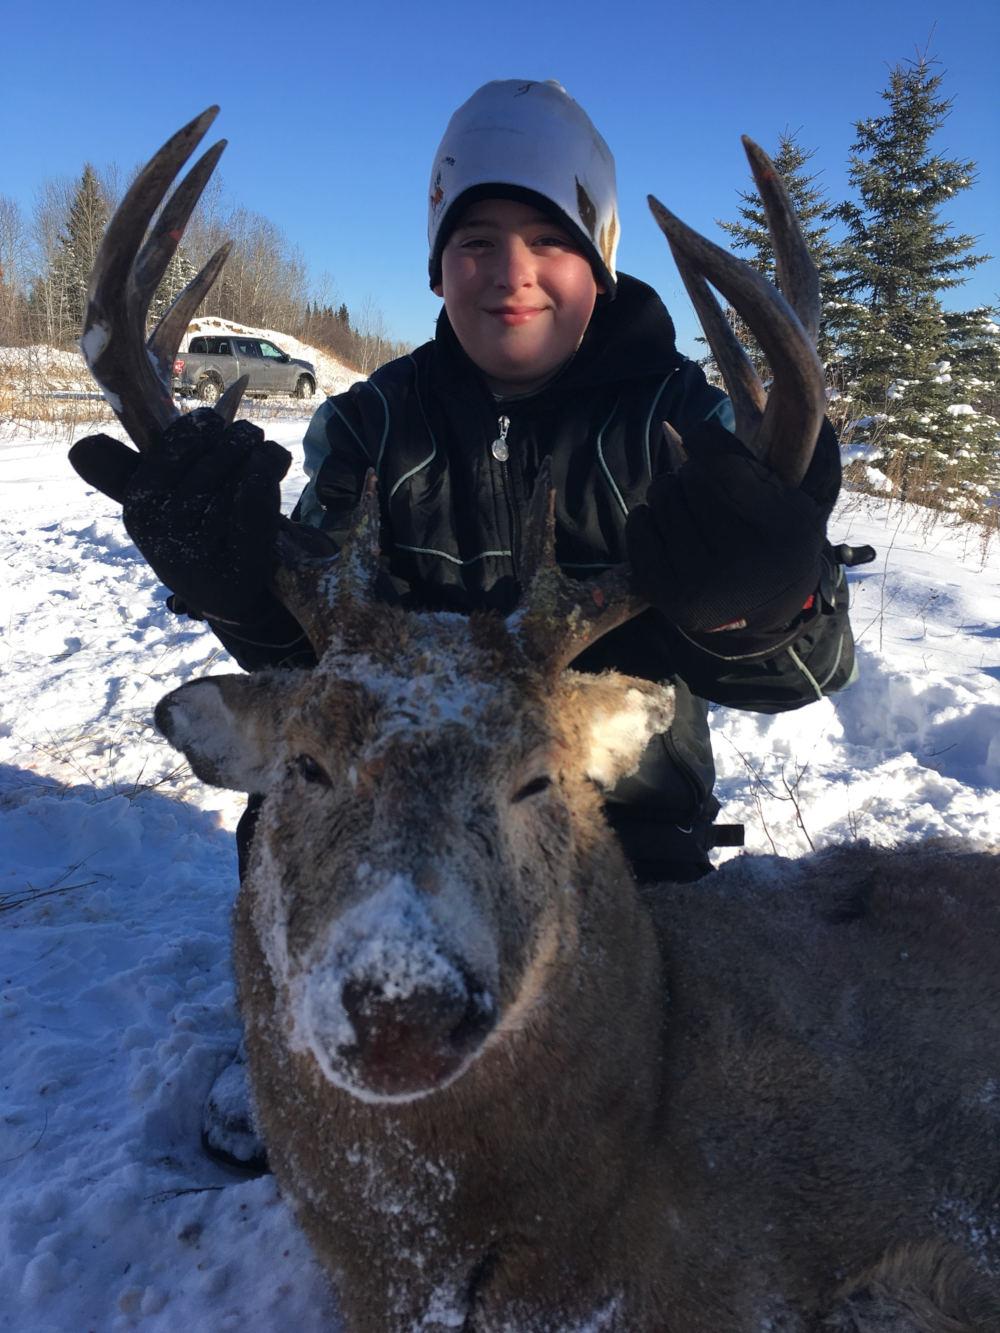 deer-hunt-2.jpg